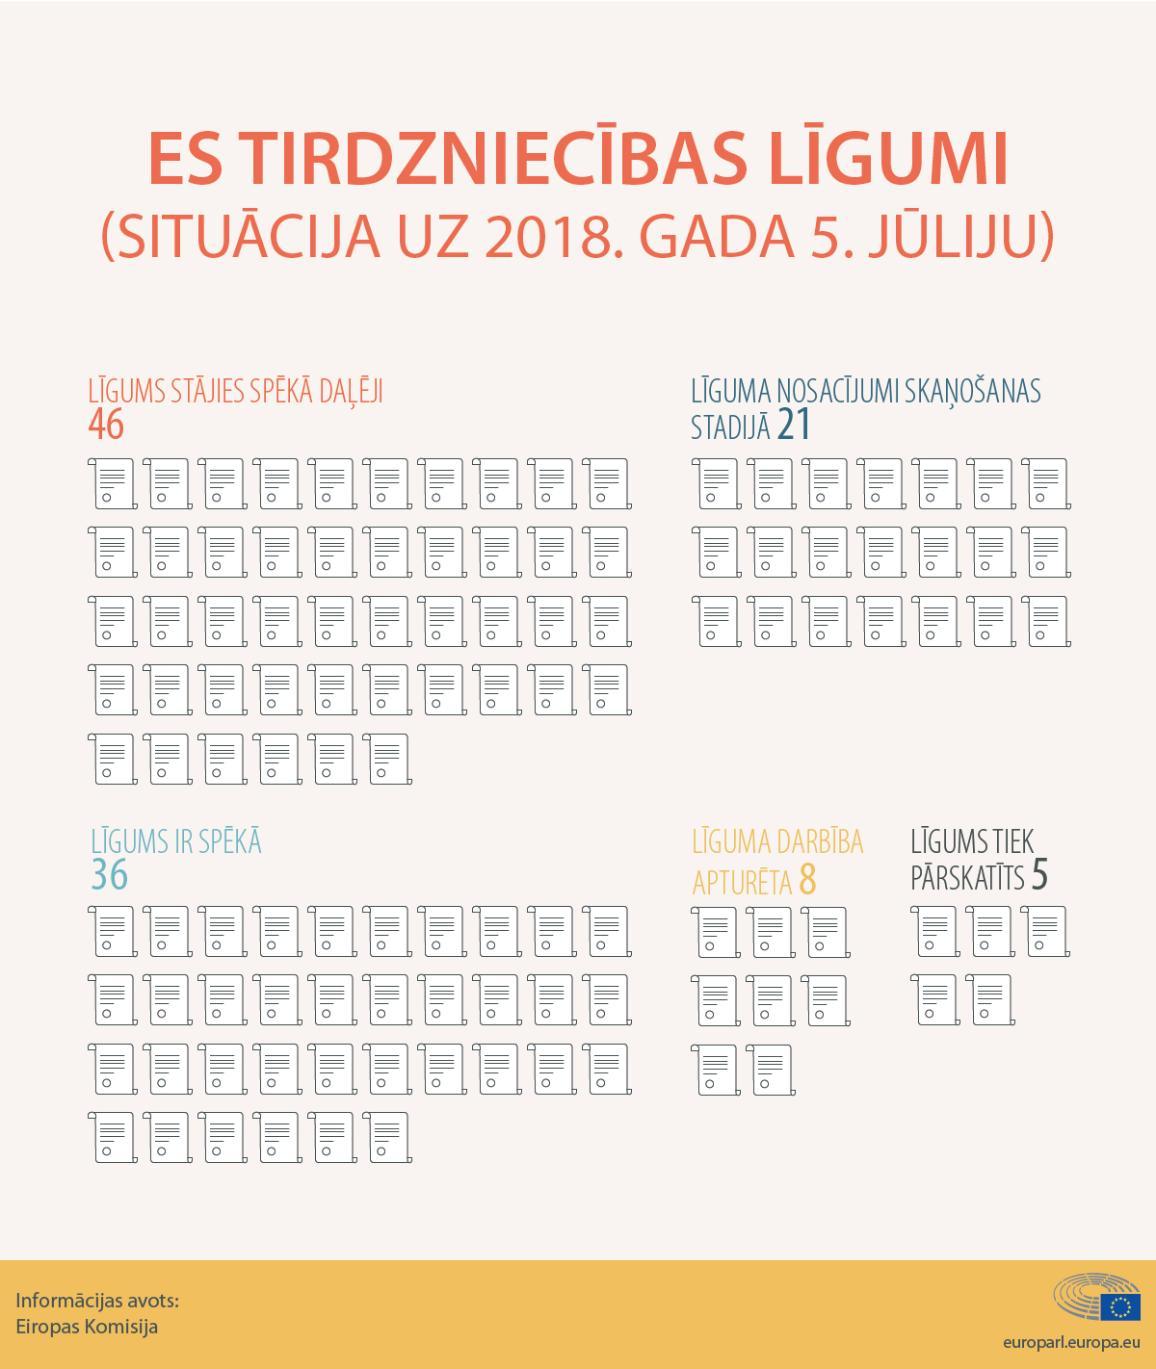 Infografikā apkopoti ES tirdzniecības līgumi, situācija 2018. gadā.